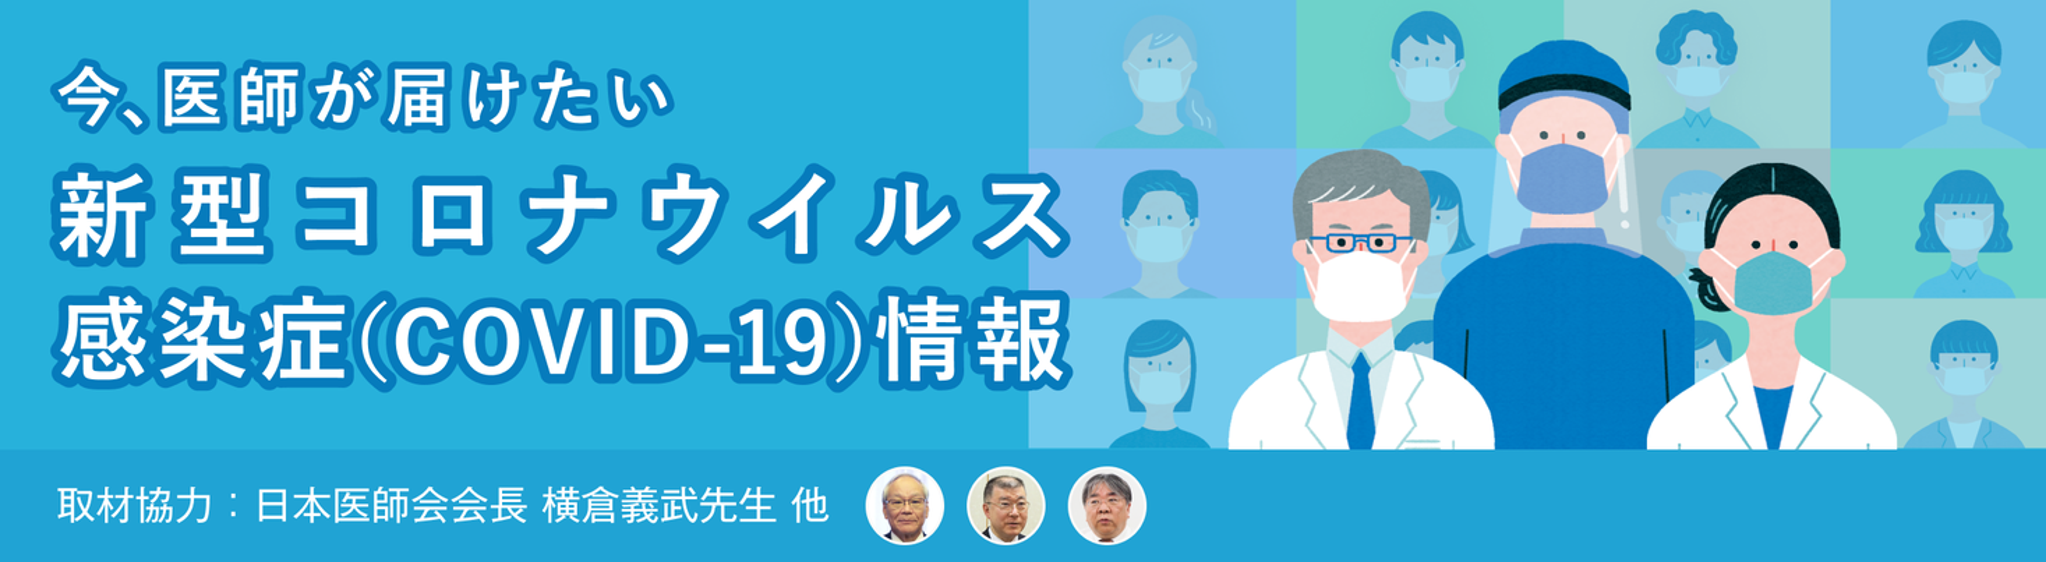 医科 コロナ 札幌 大学